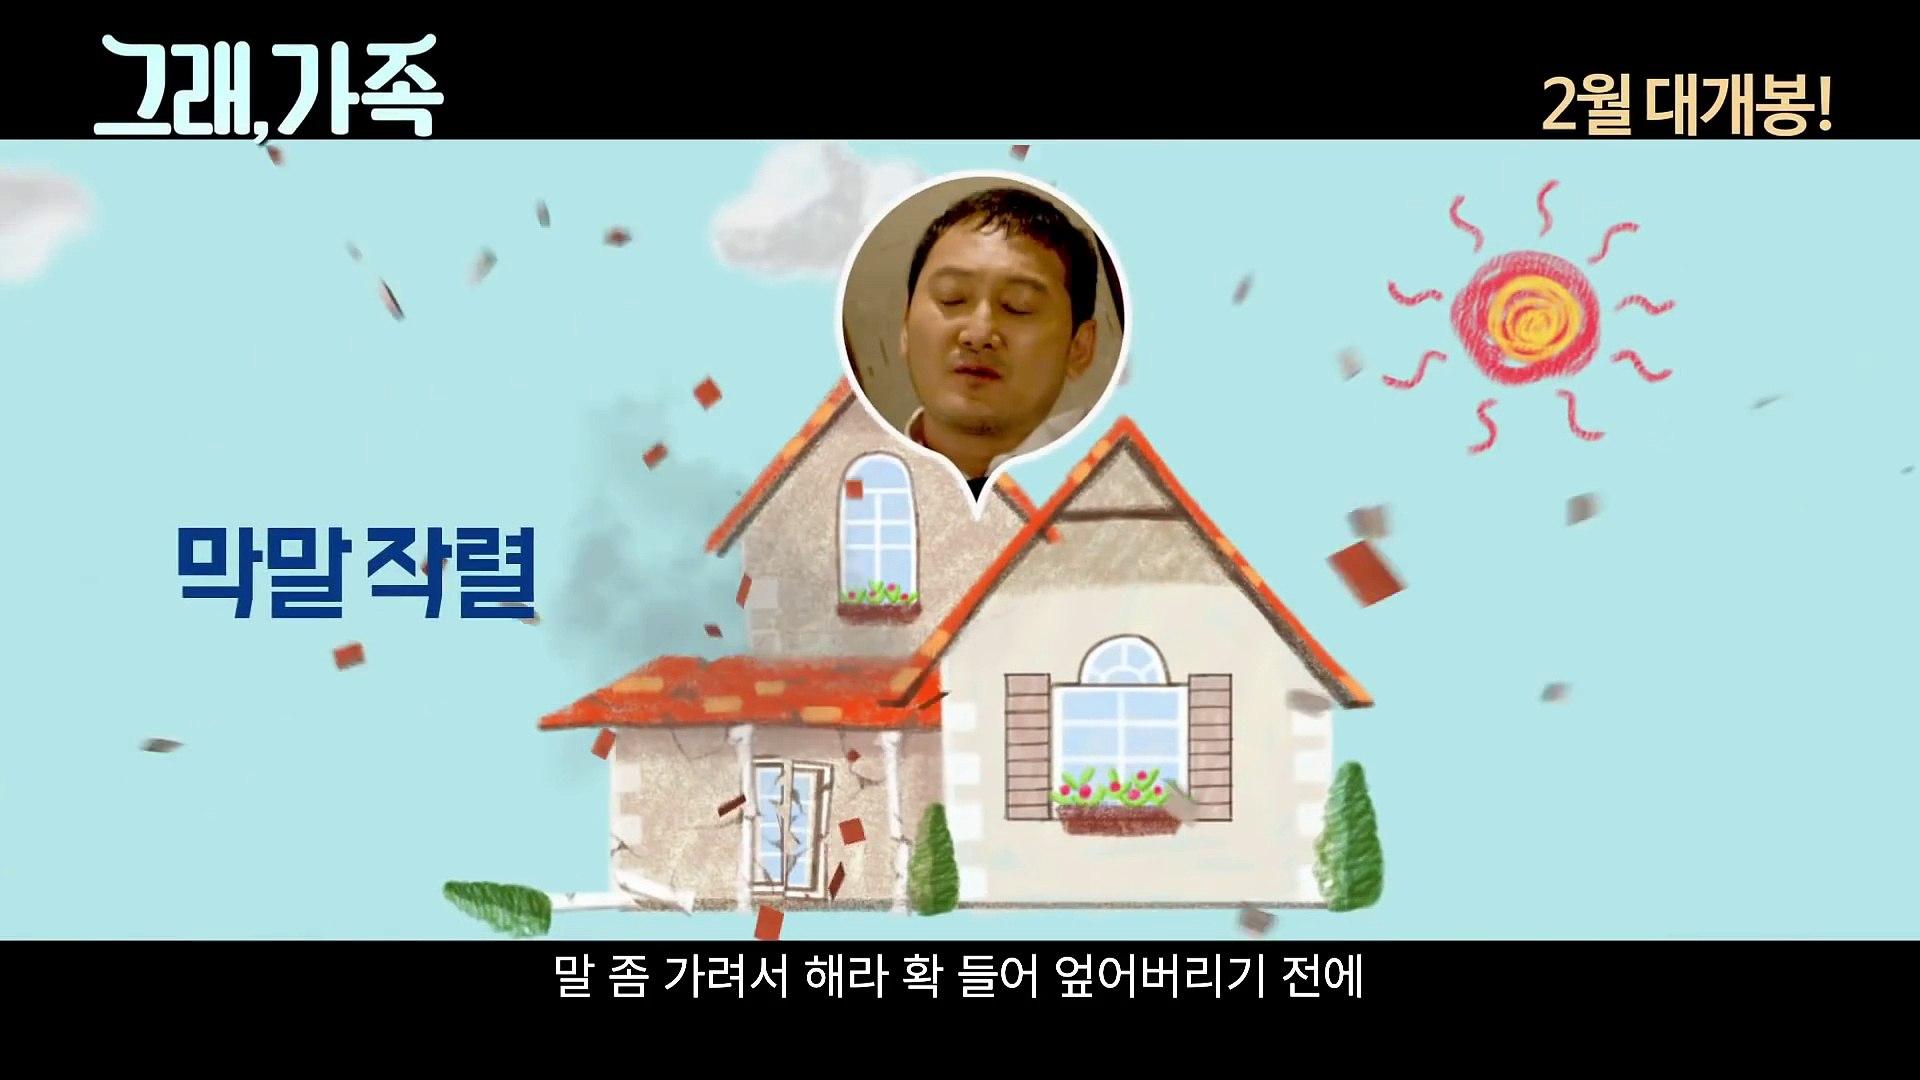 영화 '그래, 가족' 메인 예고편